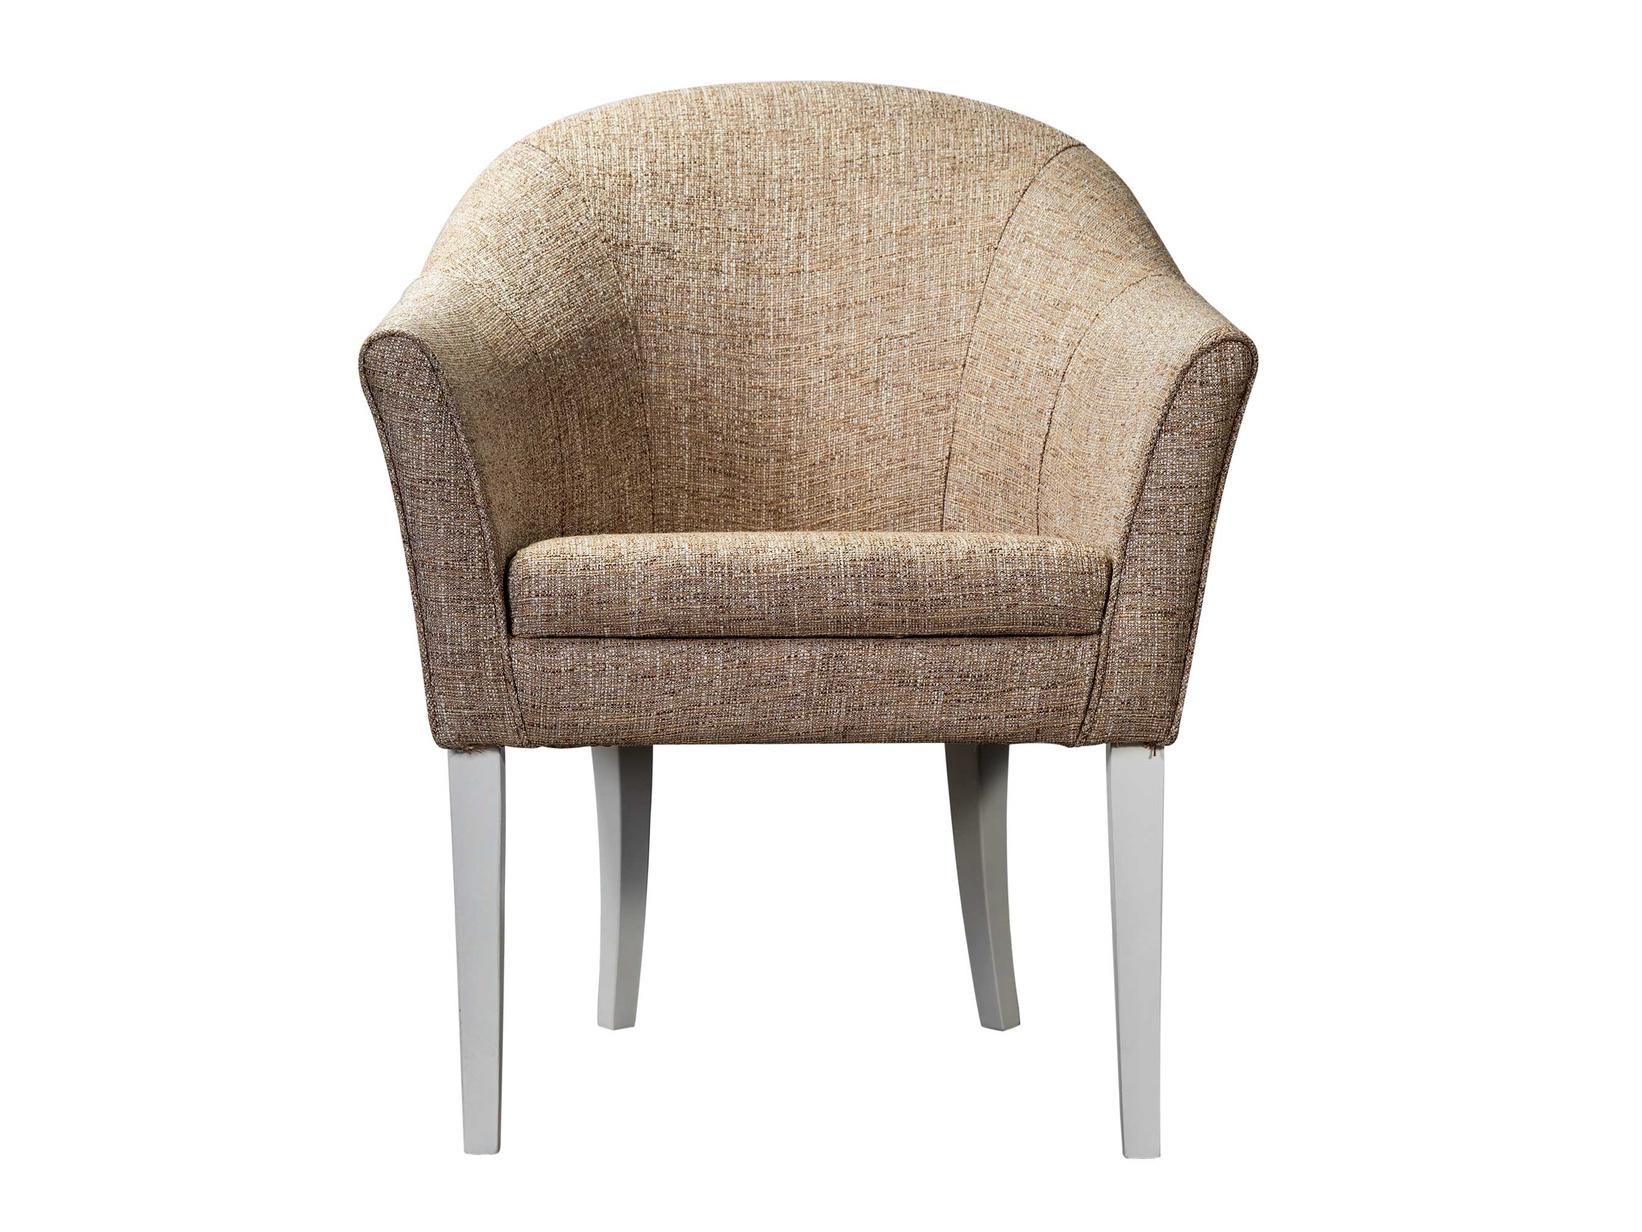 Кресло тоскана эко (r-home) бежевый 68x87x69 см. фото